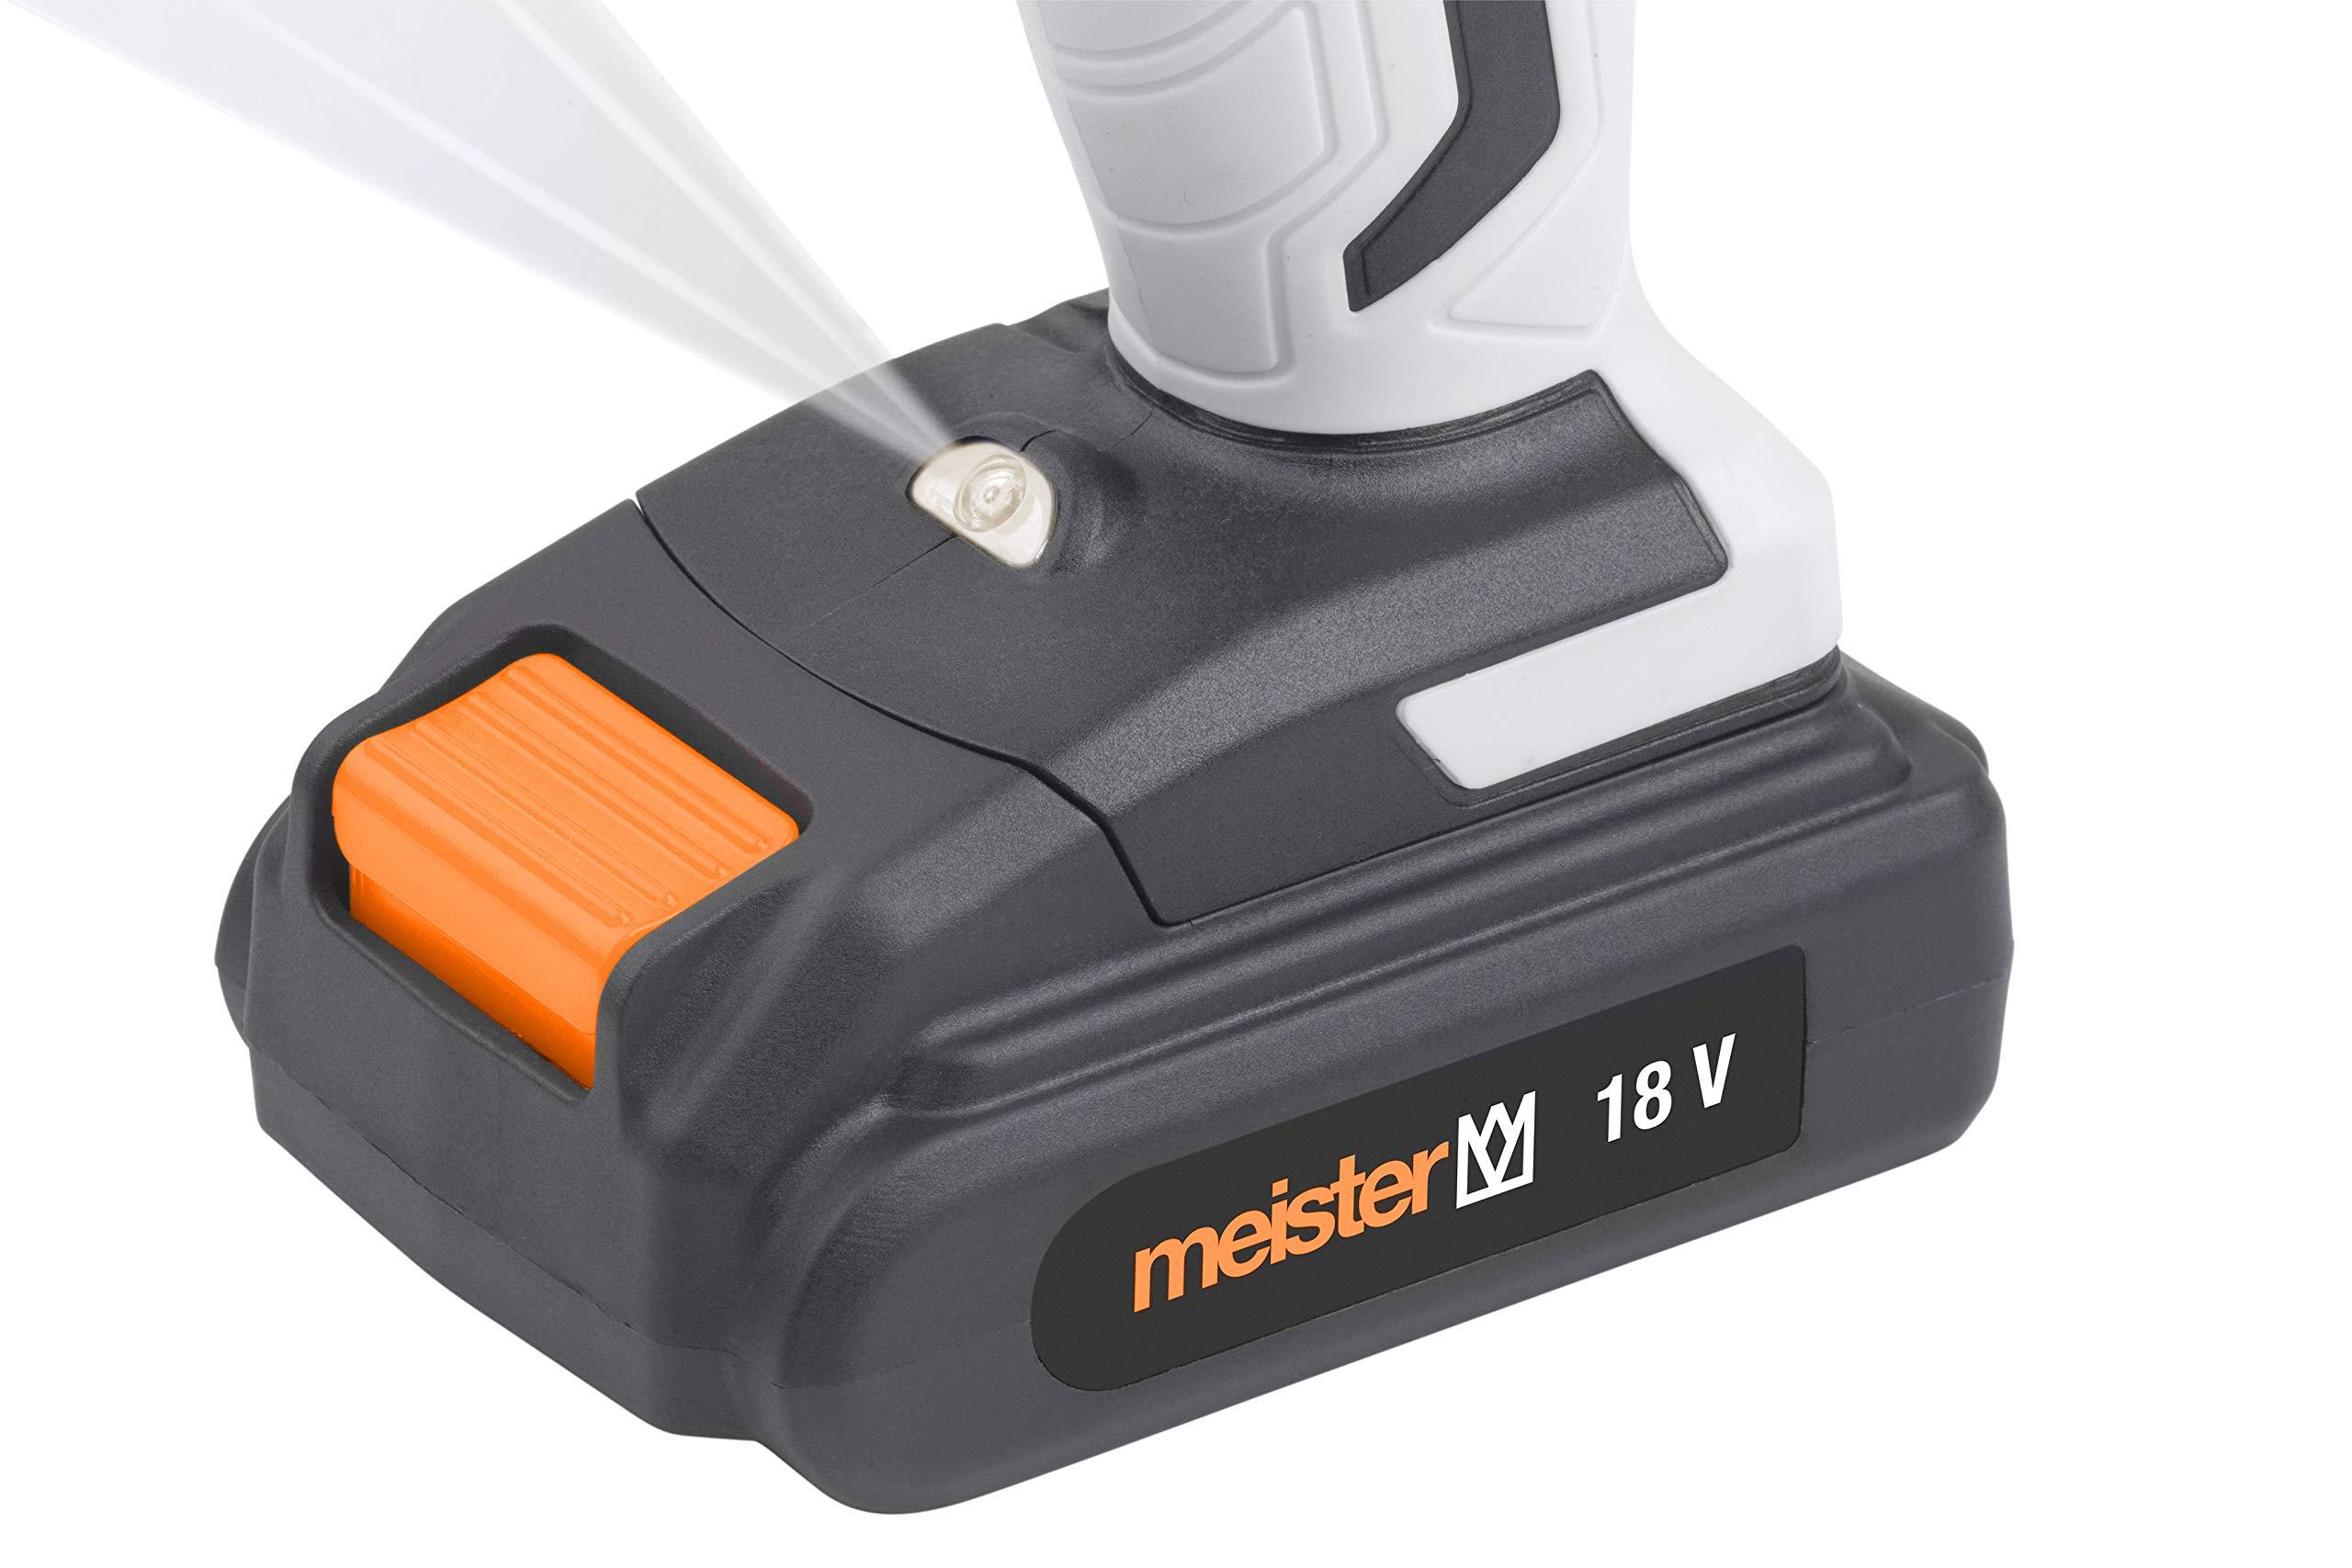 Meister-Akkubohrschrauber-18-V-MAS180xMZ2-2-x-20-Ah-Akku-2-Gang-Getriebe-Schnellspannbohrfutter-38-Nm-Drehmoment-Akkuschrauber-mit-LED-Arbeitsleuchte-Bohrschrauber-mit-Zubehr-5451410